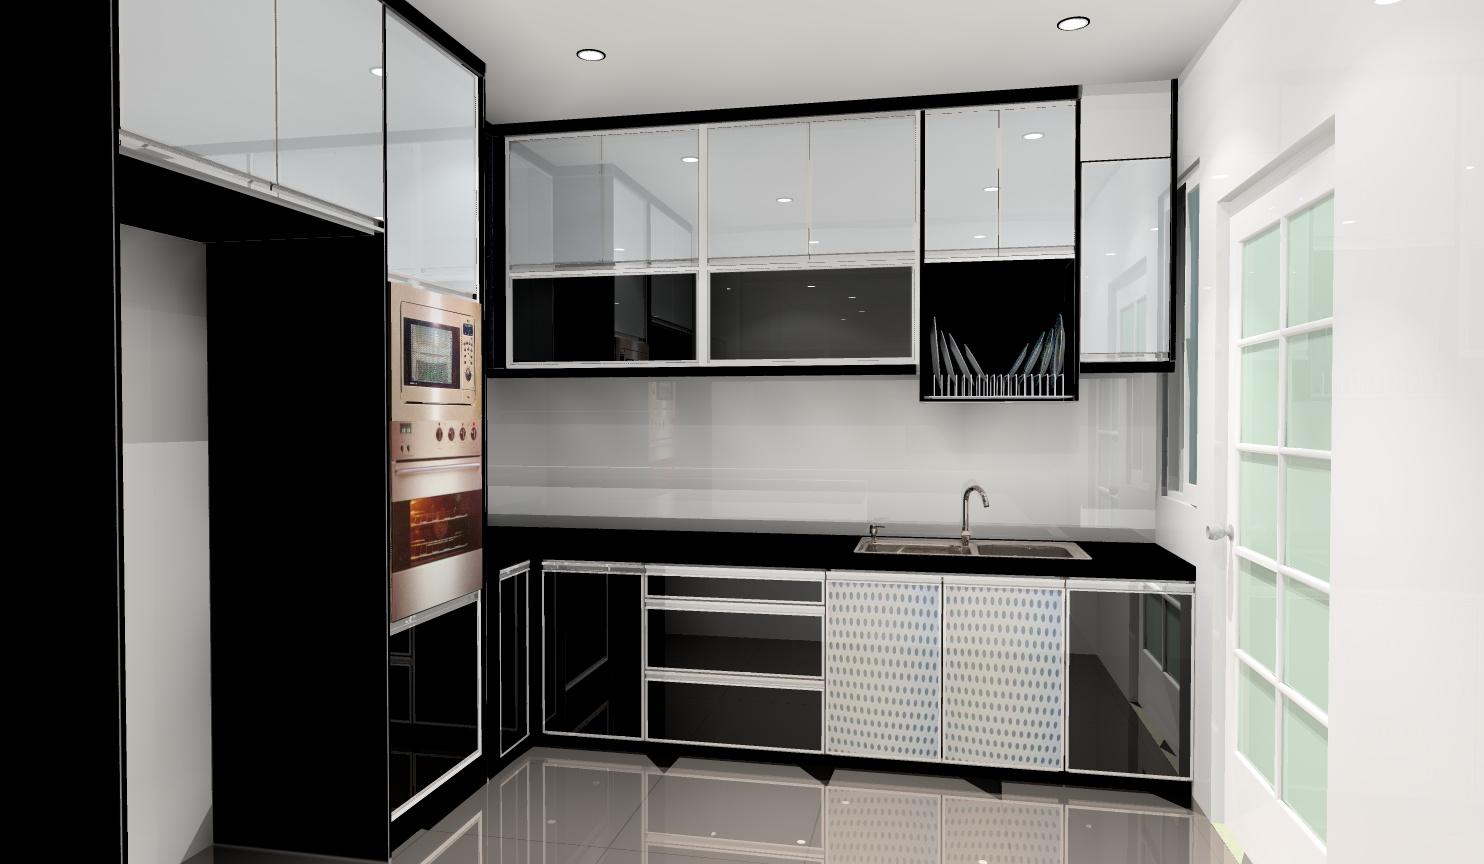 Ceritera Cinta Kehidupan Kitchen Cabinet Lukisan 3d